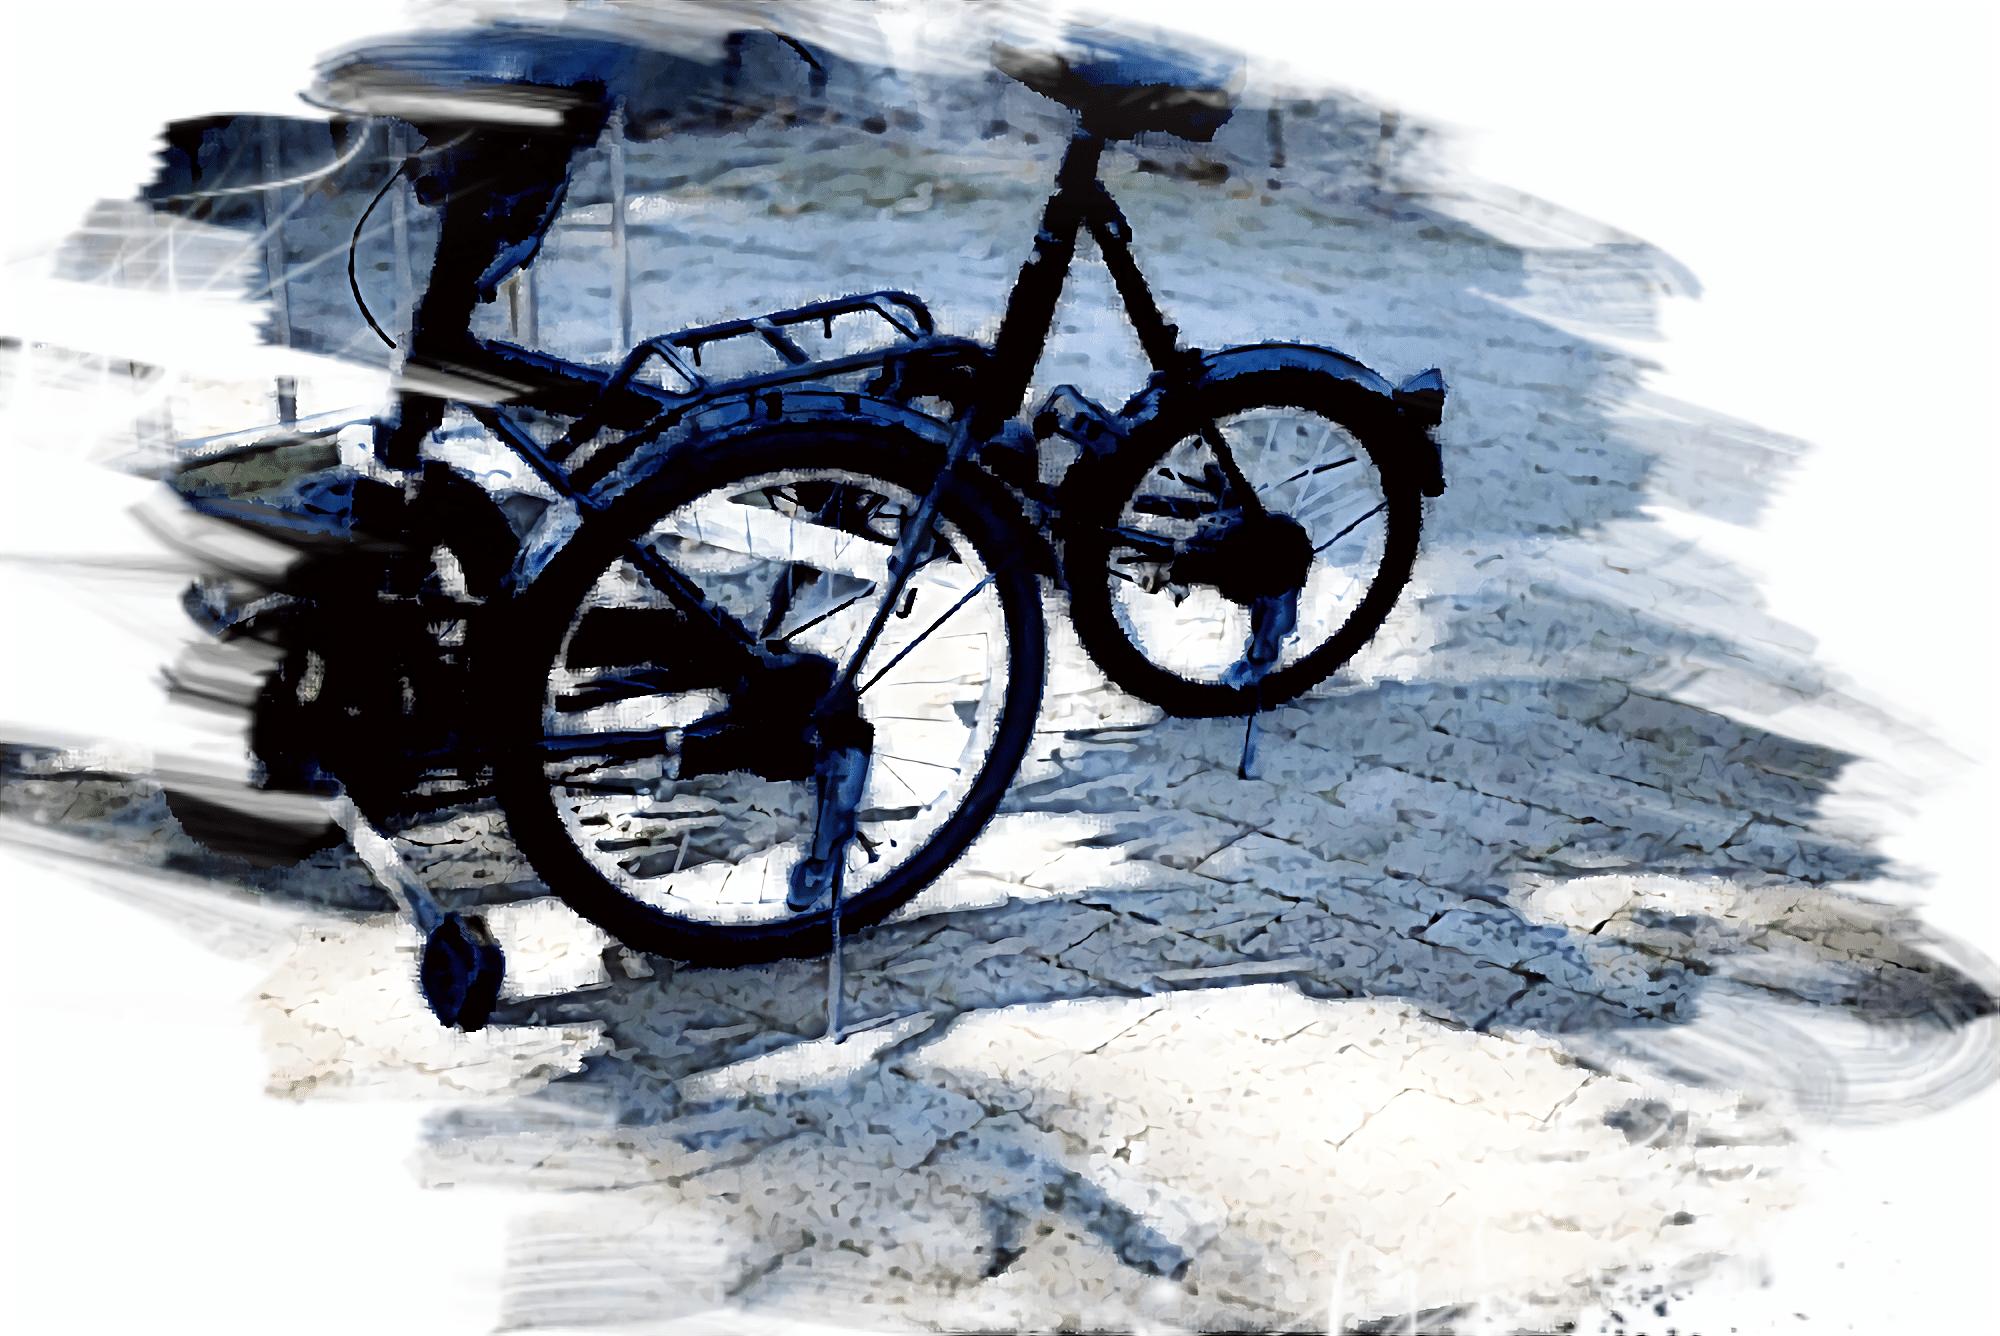 停まっている電動アシスト自転車